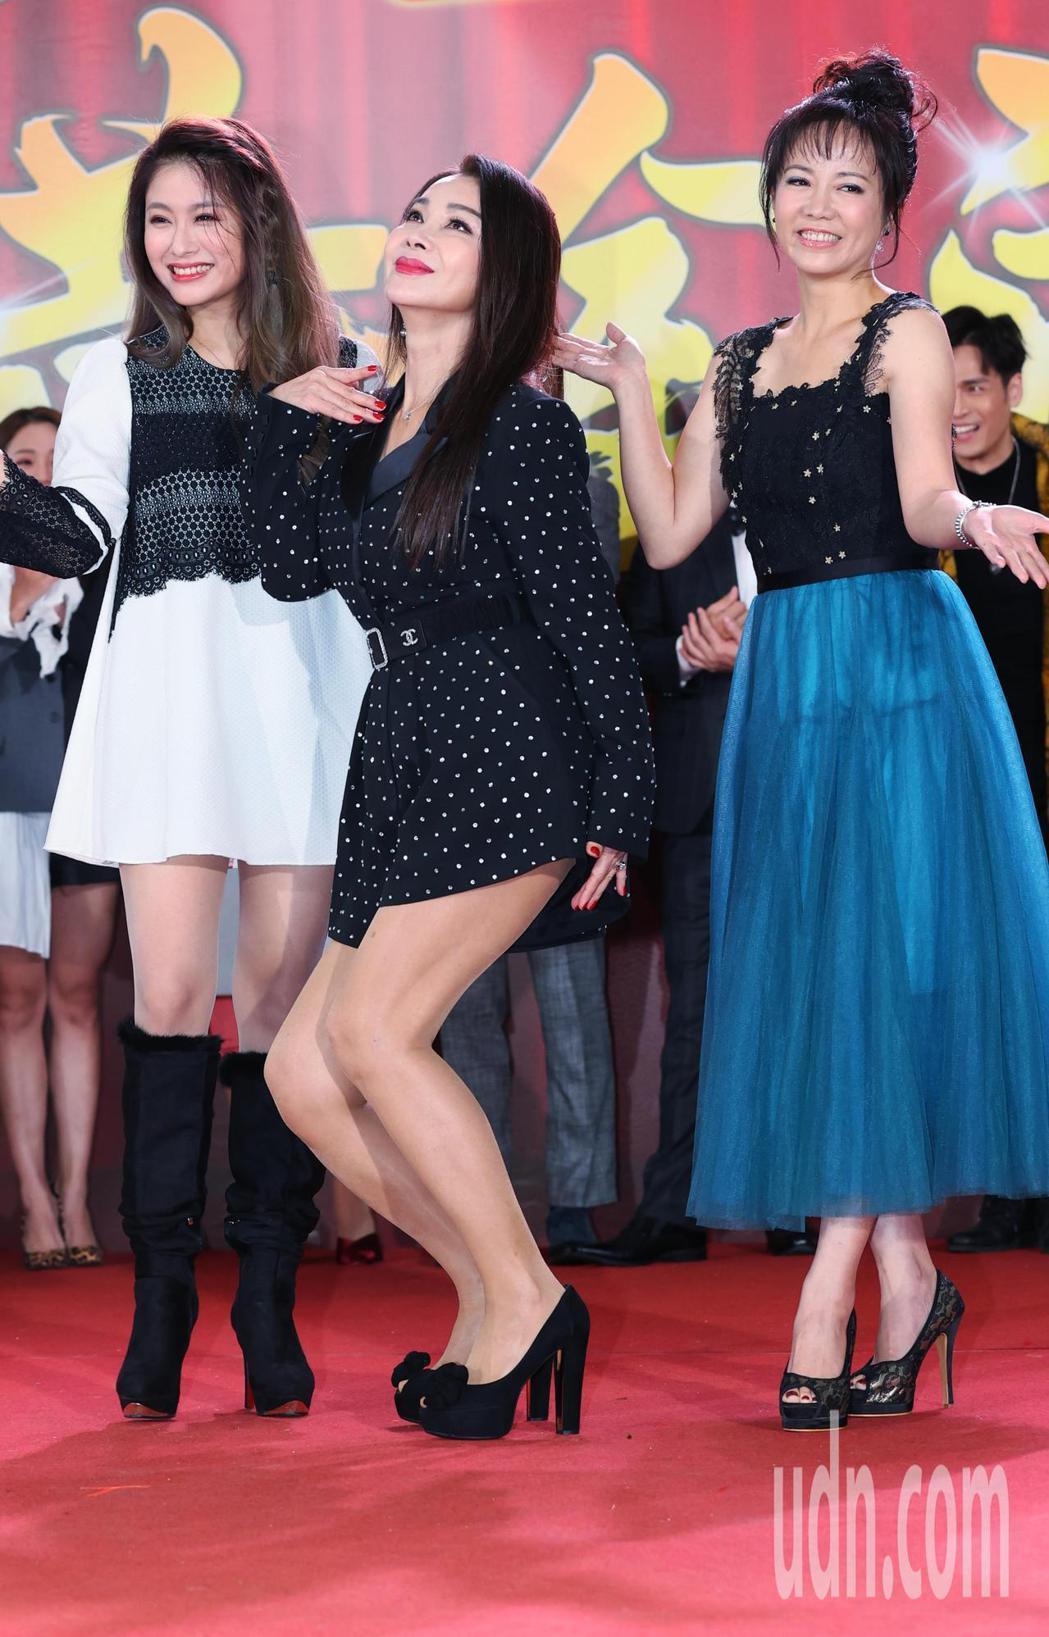 陳仙梅(右起)、陳美鳳、葉家妤將於新戲「黃金歲月」中重現80年代秀場風光。記者陳